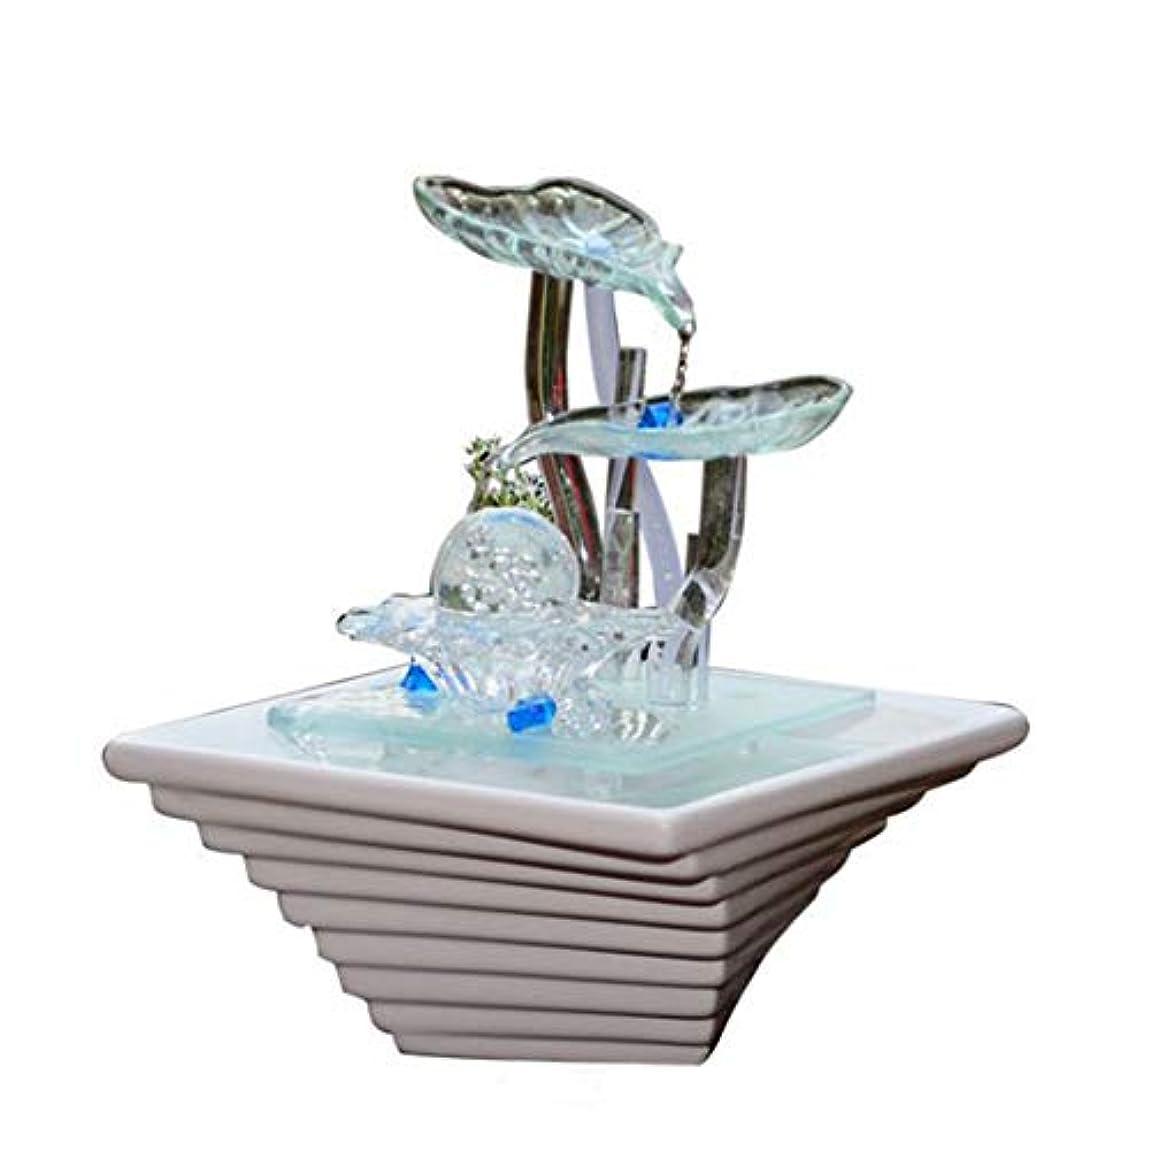 にやにやバスタブ浪費加湿器ホームデスクトップの装飾セラミックガラス工芸品の装飾品噴水装飾品バレンタインデー結婚式の誕生日パーフェクトギフト